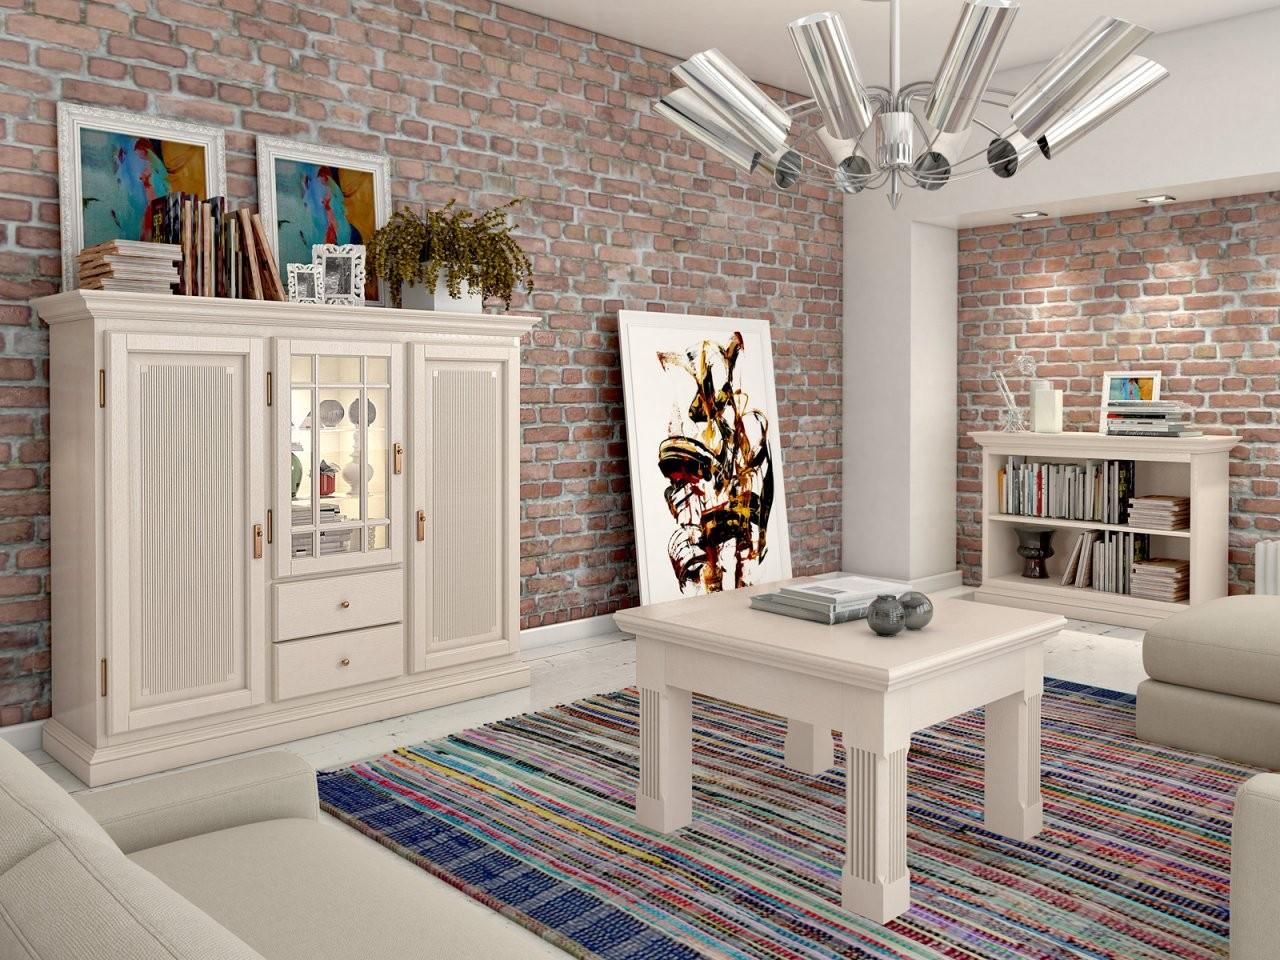 Duett Massive Pinienmöbel Farbe Pinie Lipizano Gekälkt Und Gebürstet von Pinienmöbel Gekälkt Und Gebürstet Photo